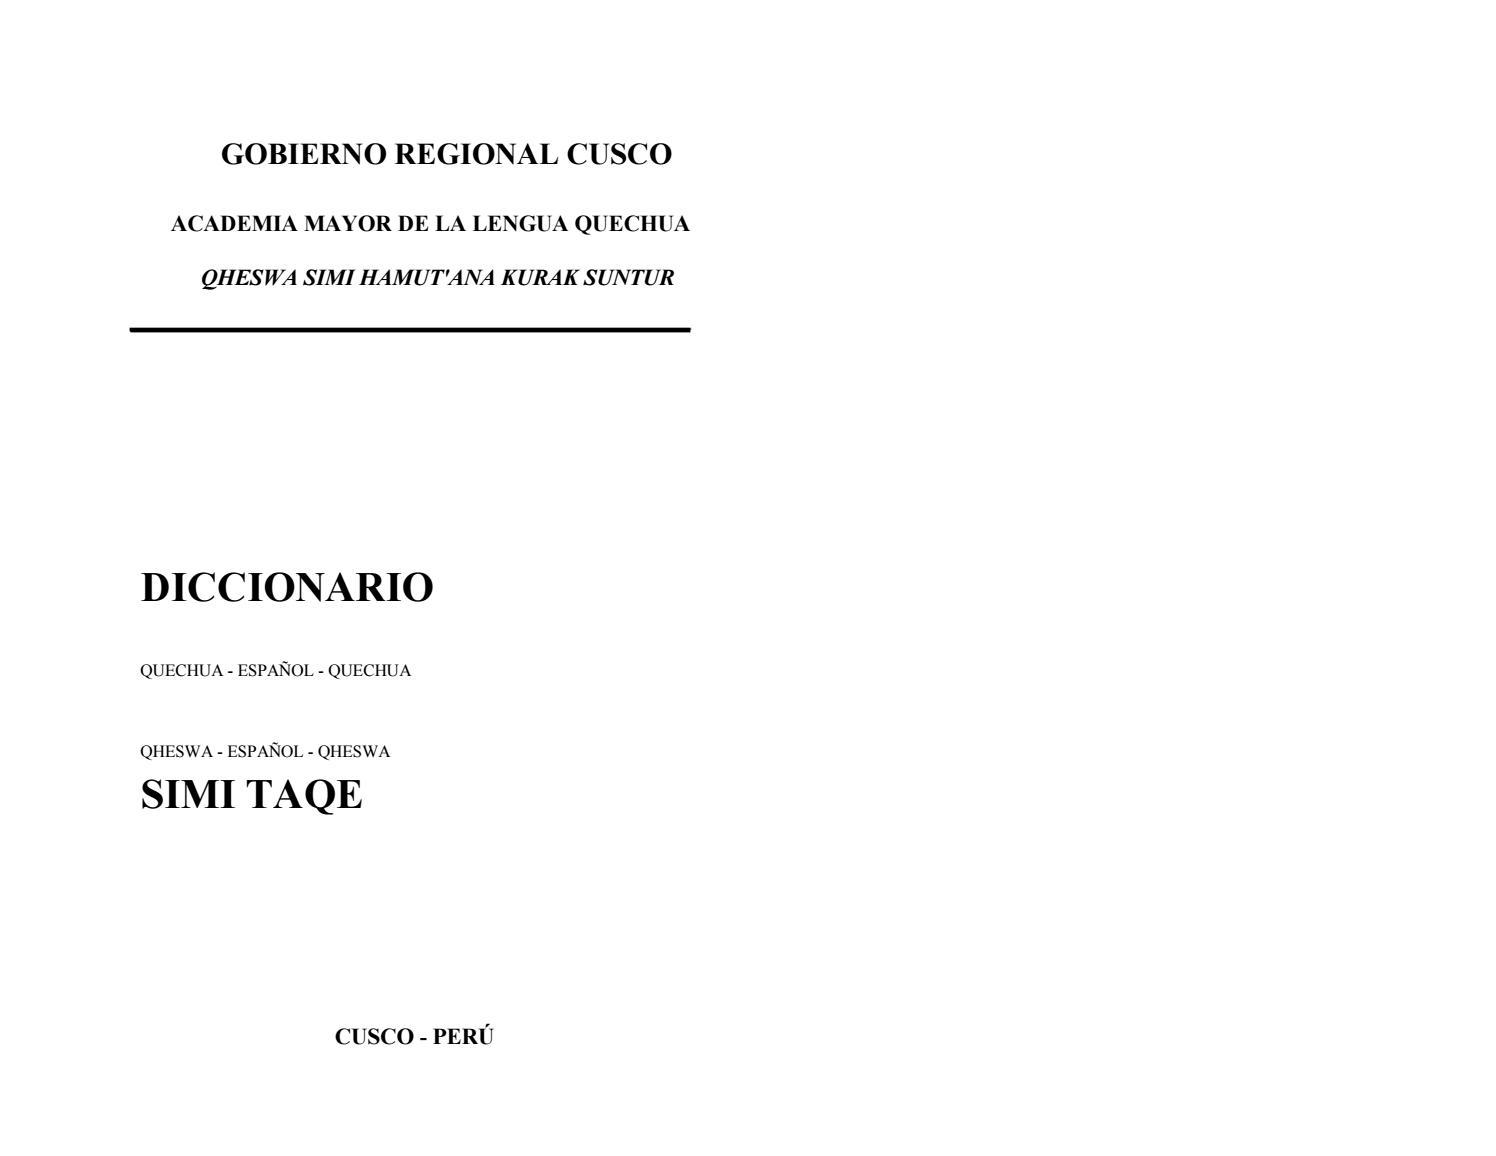 AMLQ Diccionario Quechua  Acad. Mayor de la Lengua Quechua by Victor Vera  Moyoli - issuu 39ae9851864